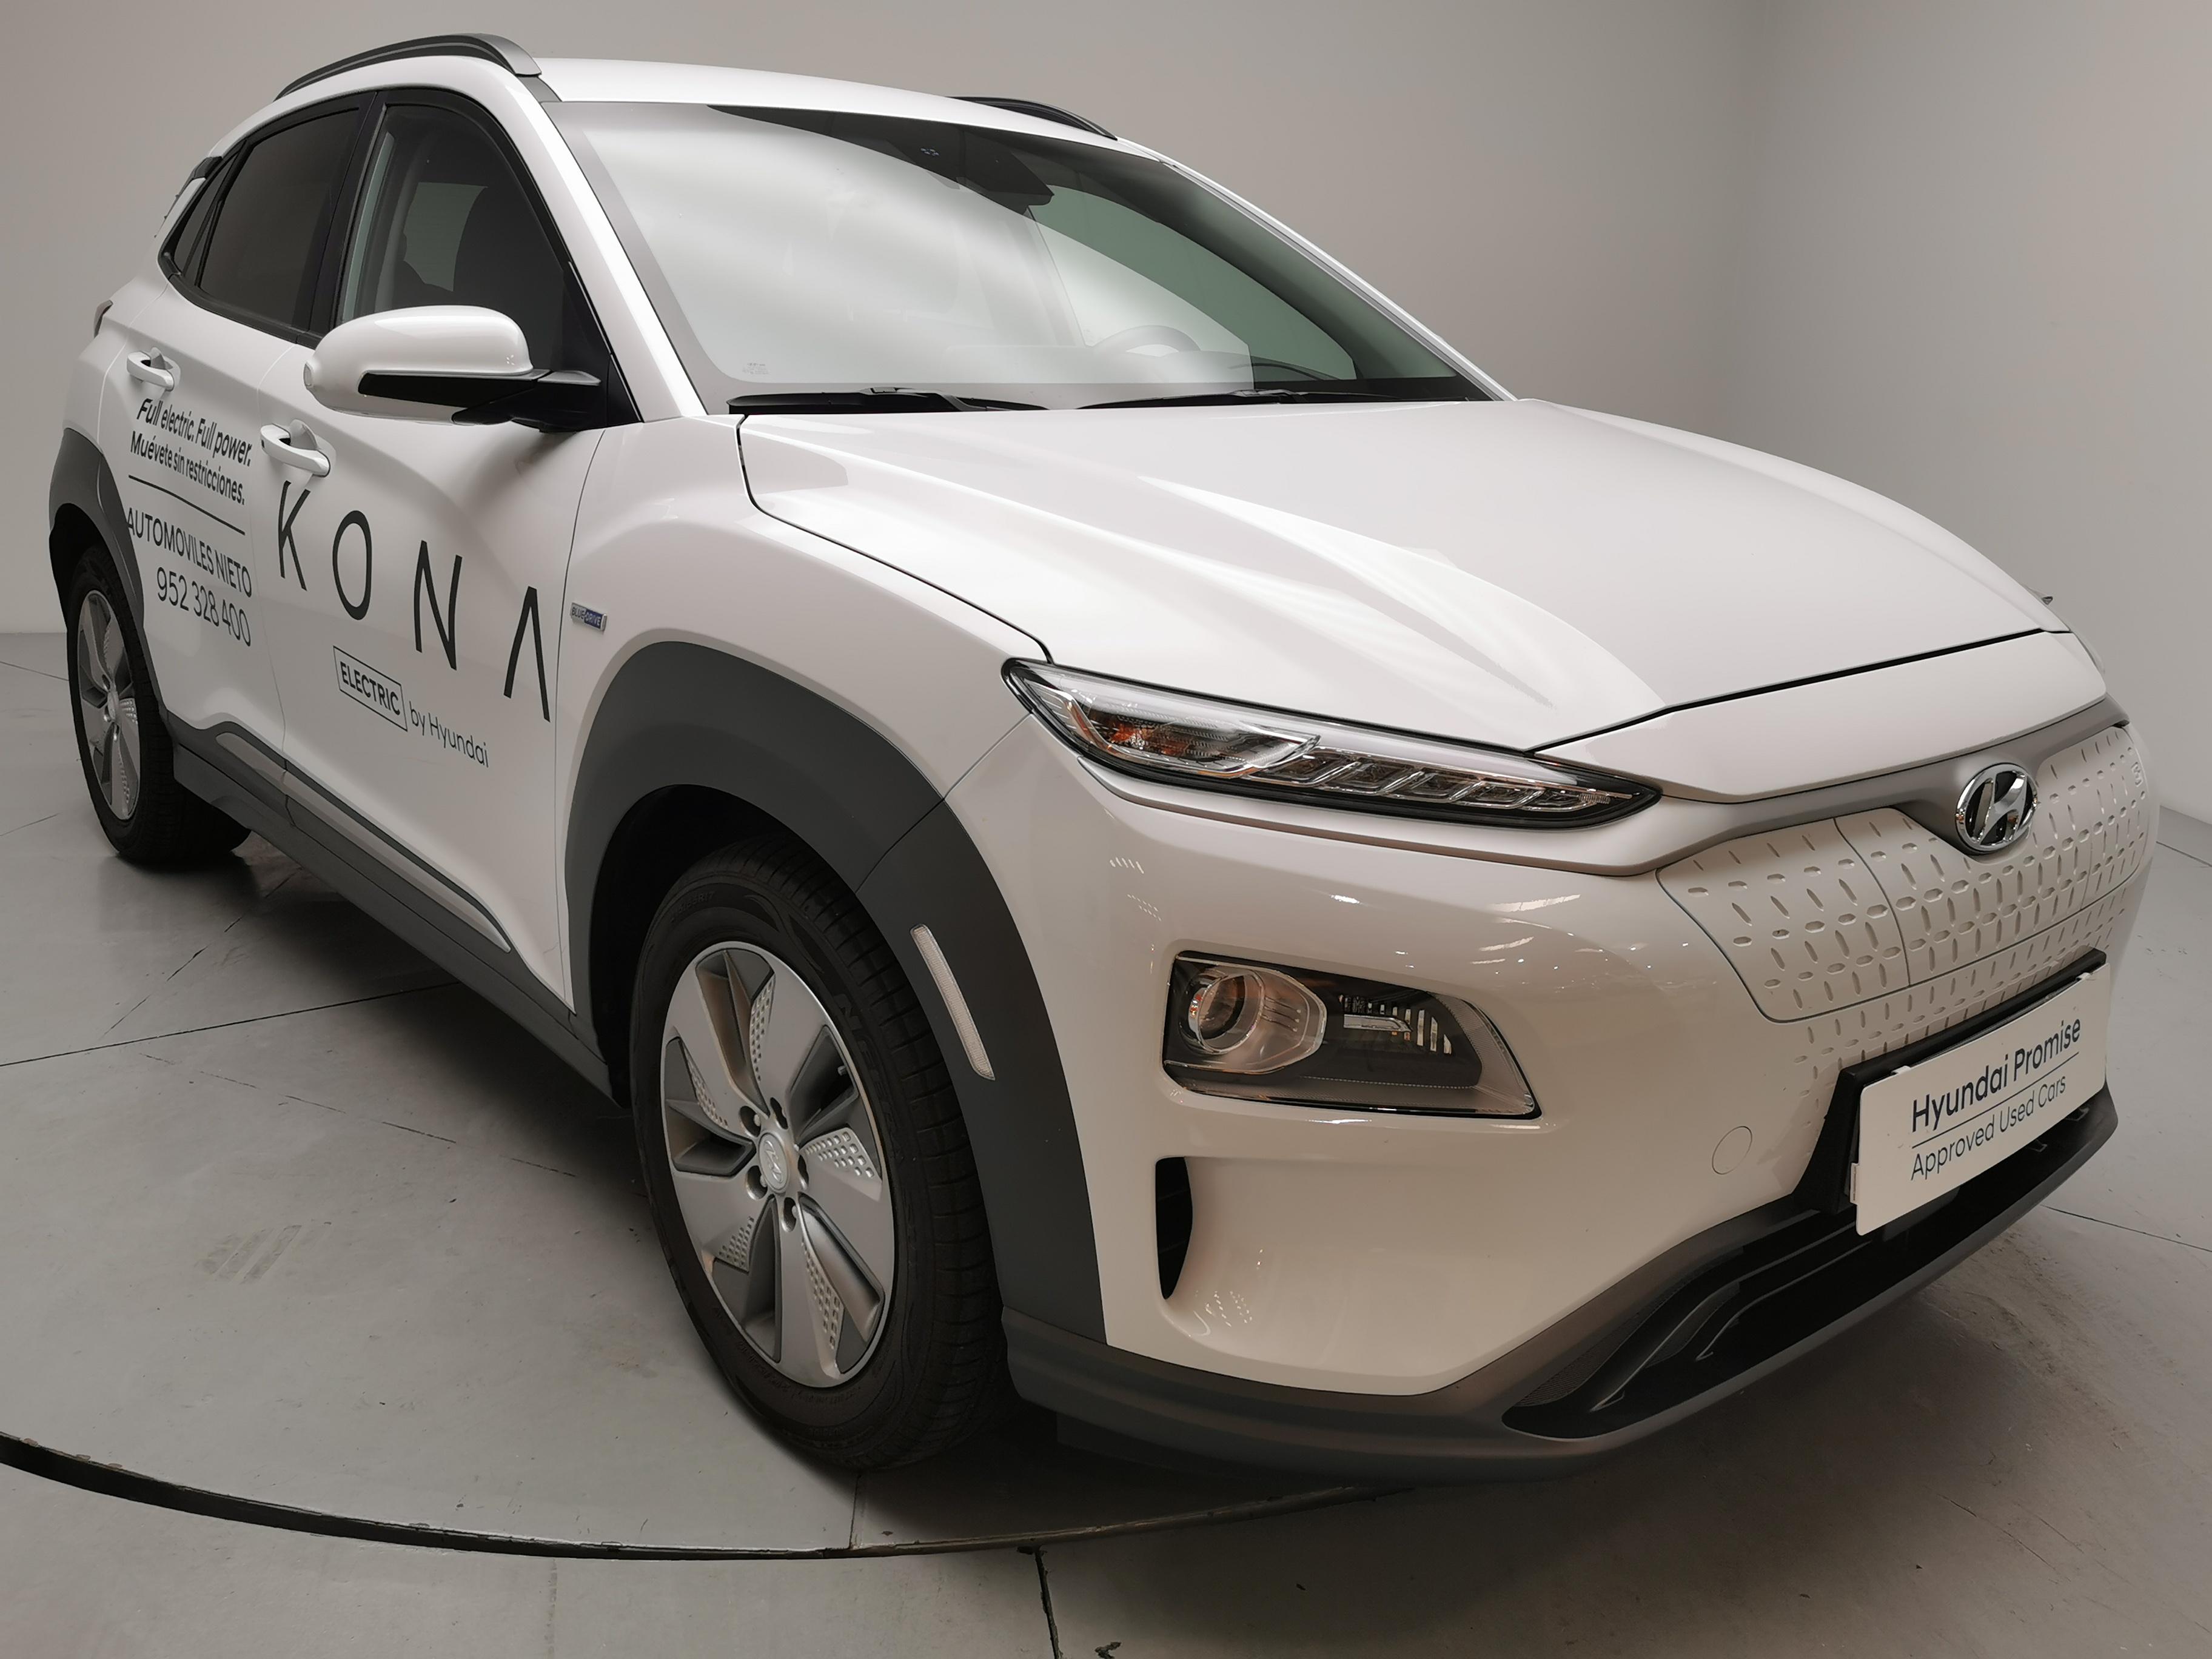 Hyundai Kona ocasión segunda mano 2020 Gasolina por 35.990€ en Málaga